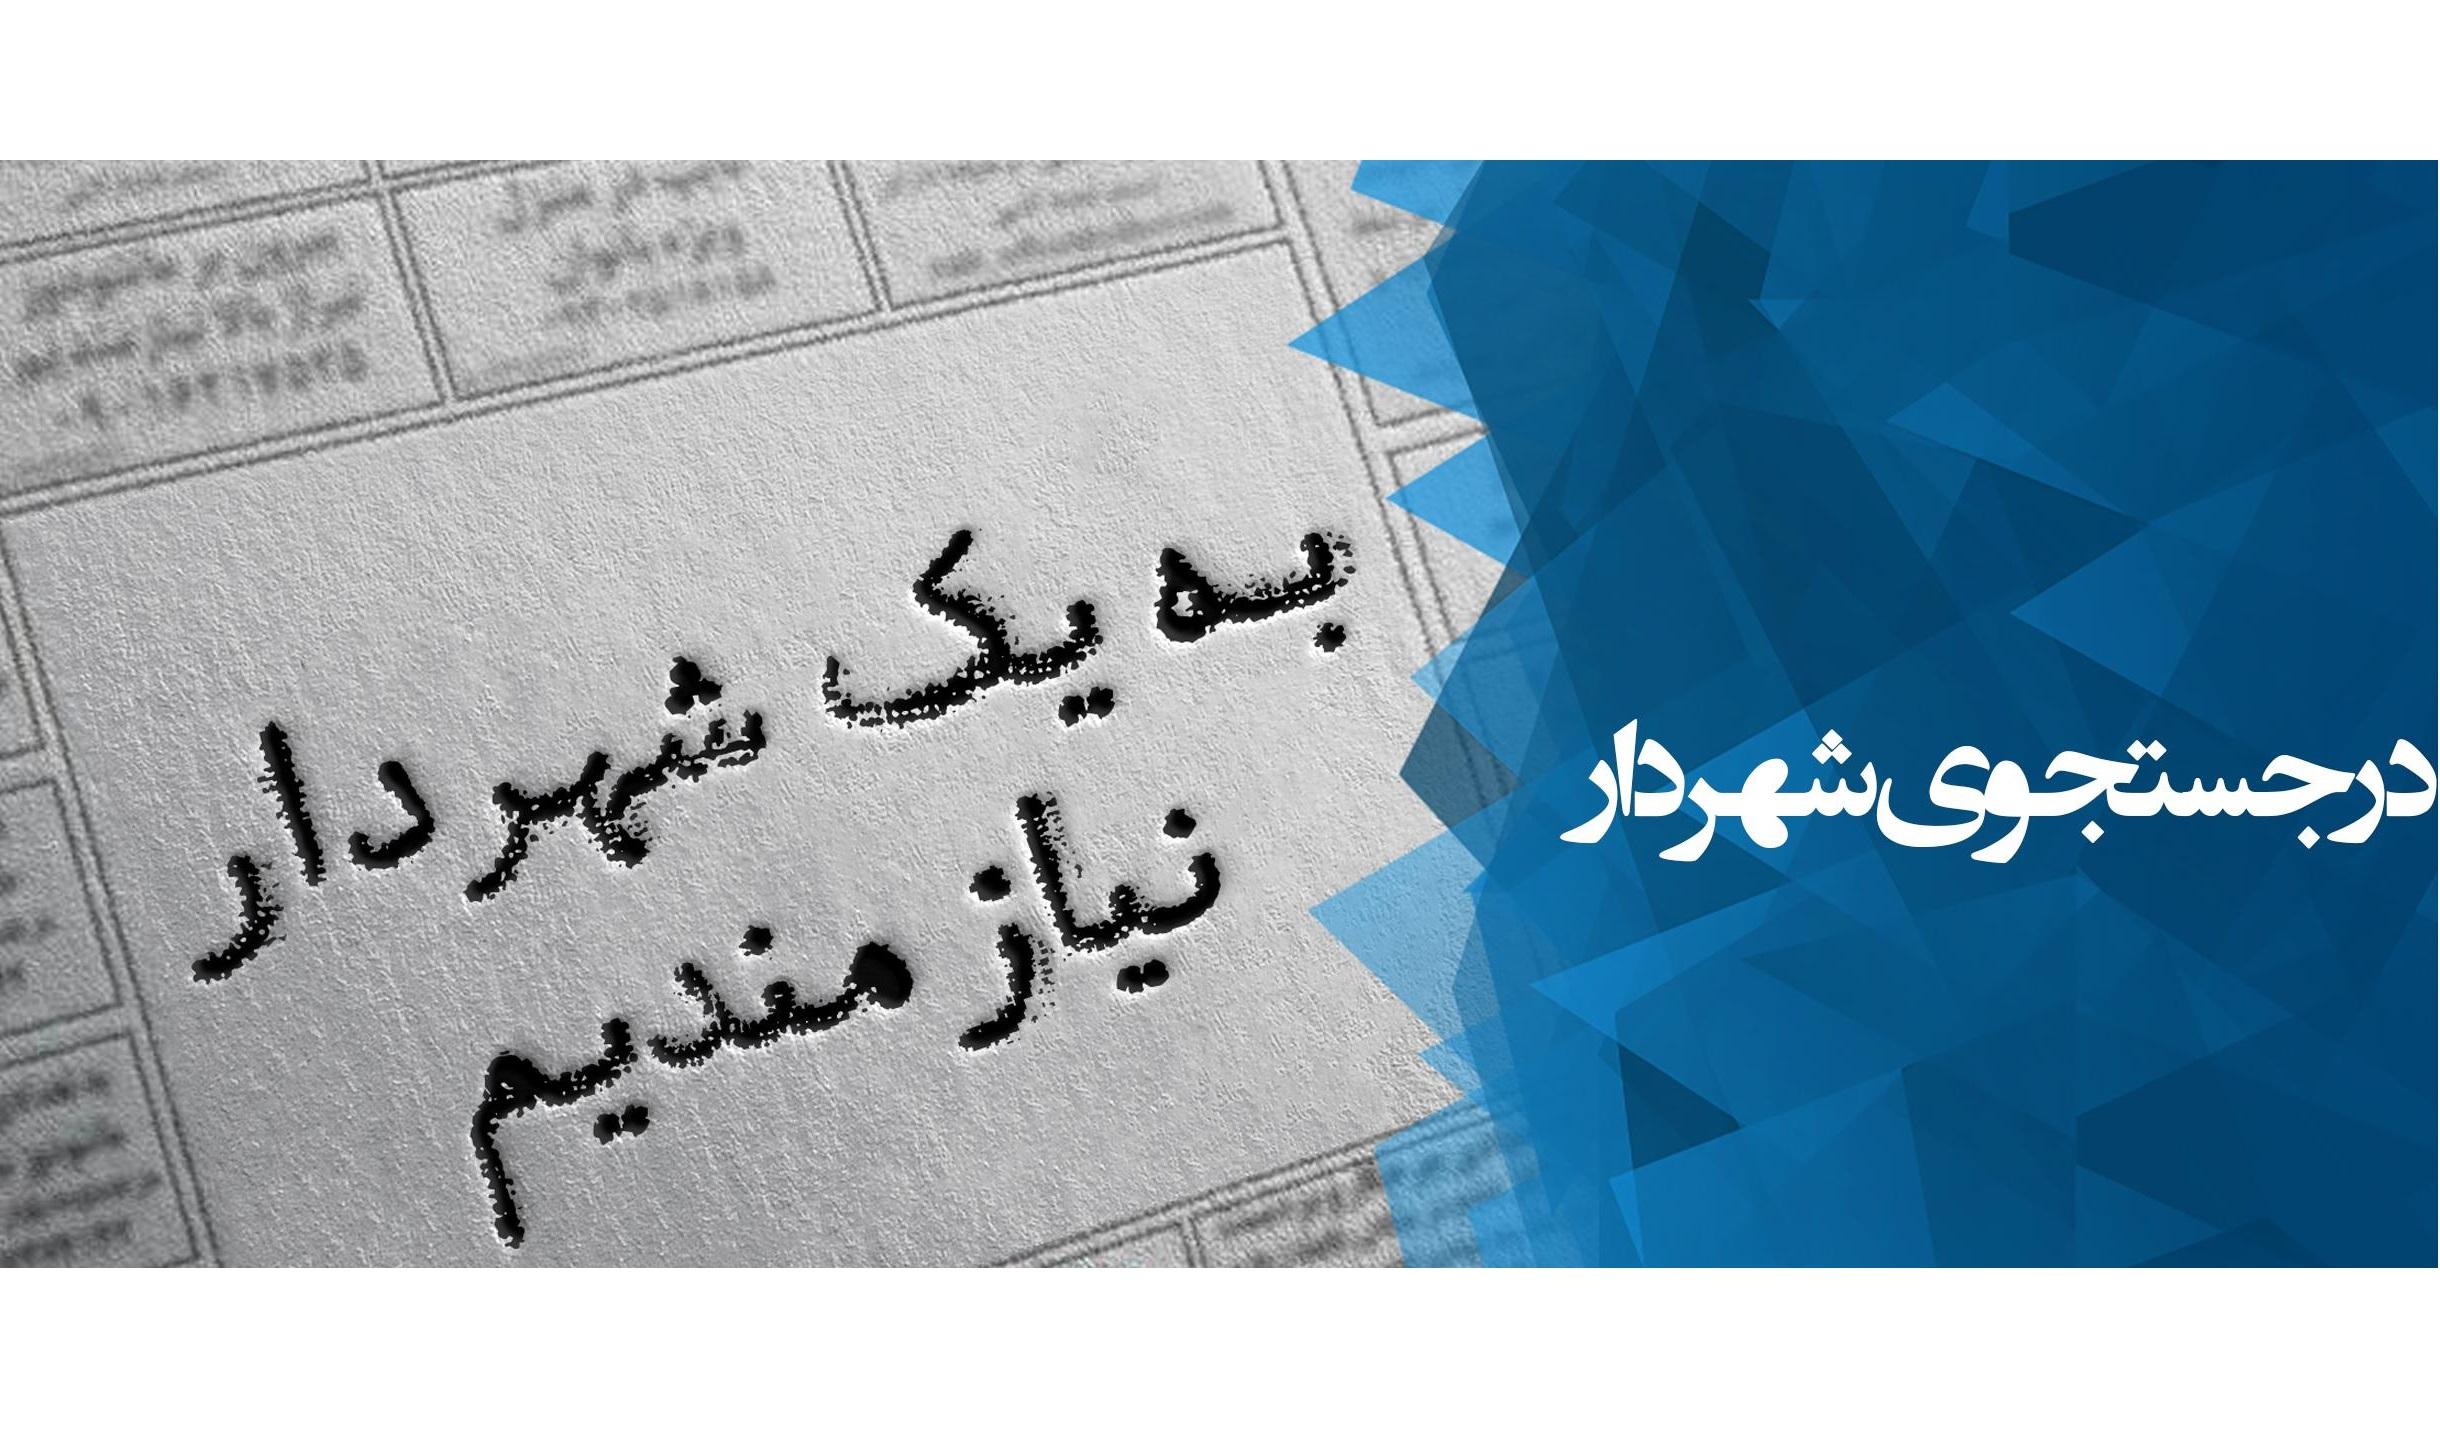 خبر راست / شهر یتیم مانده